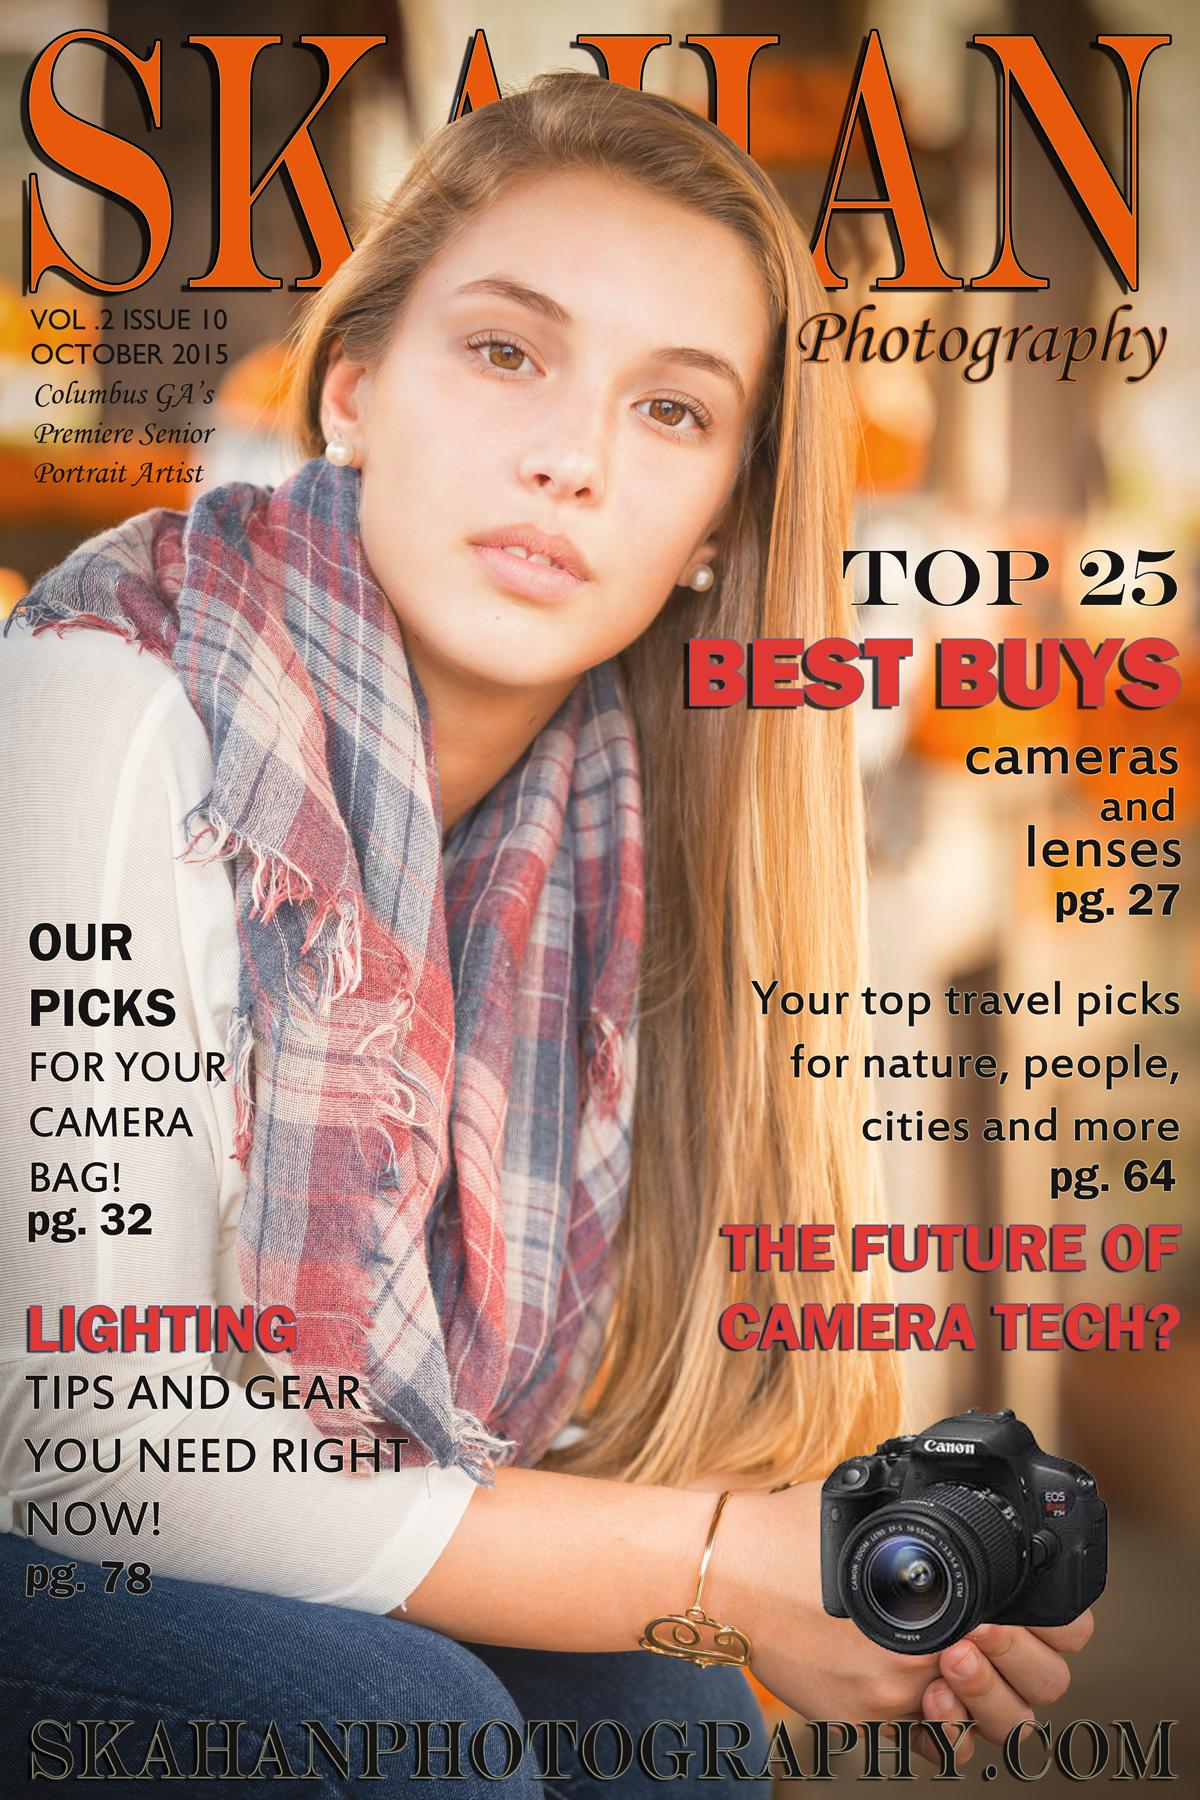 Volume 2 Issue 10 Oct 2015